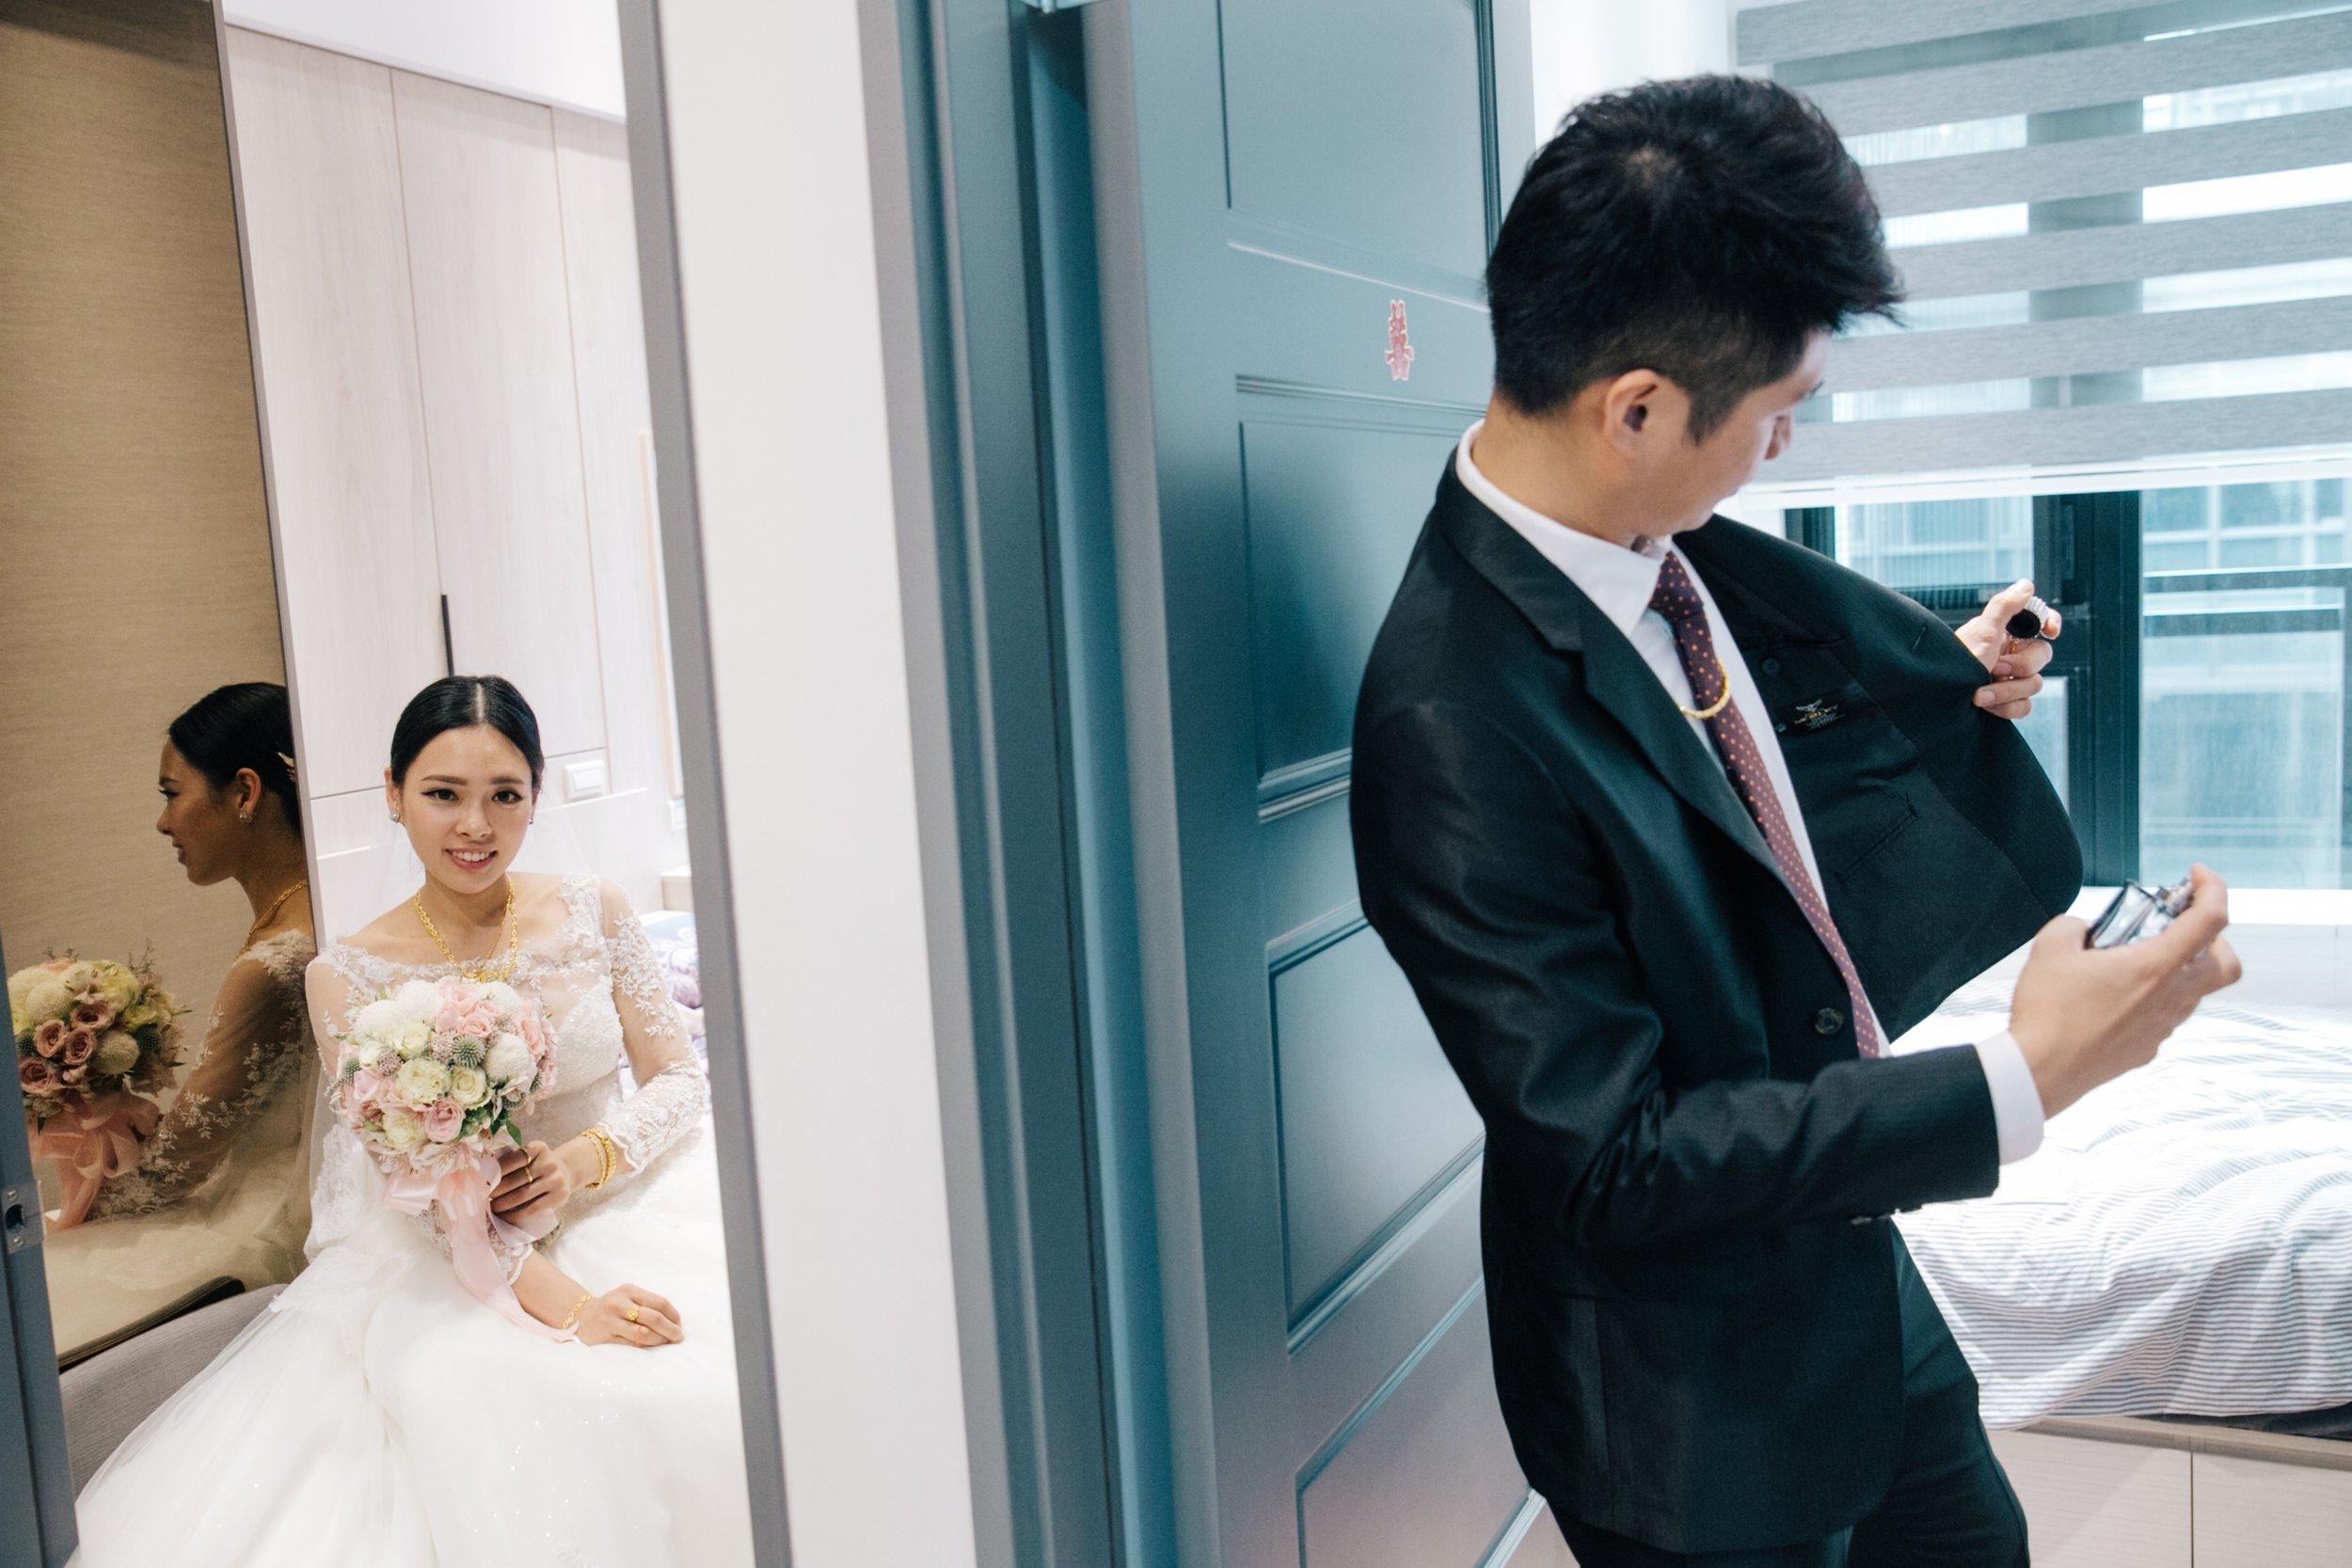 婚禮紀實-karen-ching-wedding-長榮空服-文定迎娶晚宴-新莊典華-dinner-taipei_96.jpg